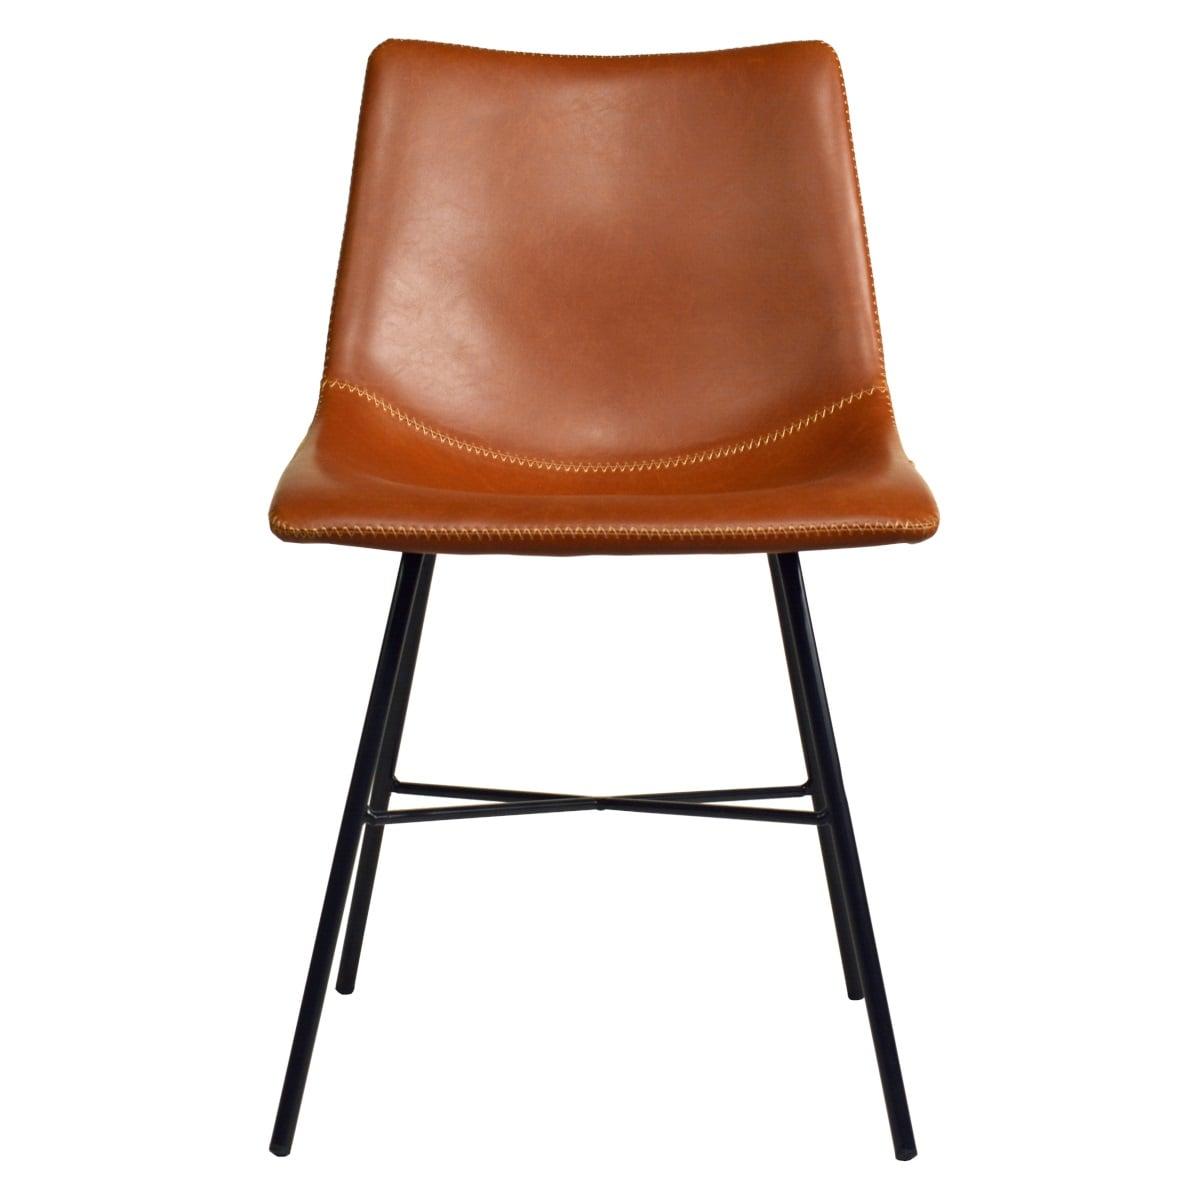 Stuhl für Gastronomie Vintage Design braun gepolstert